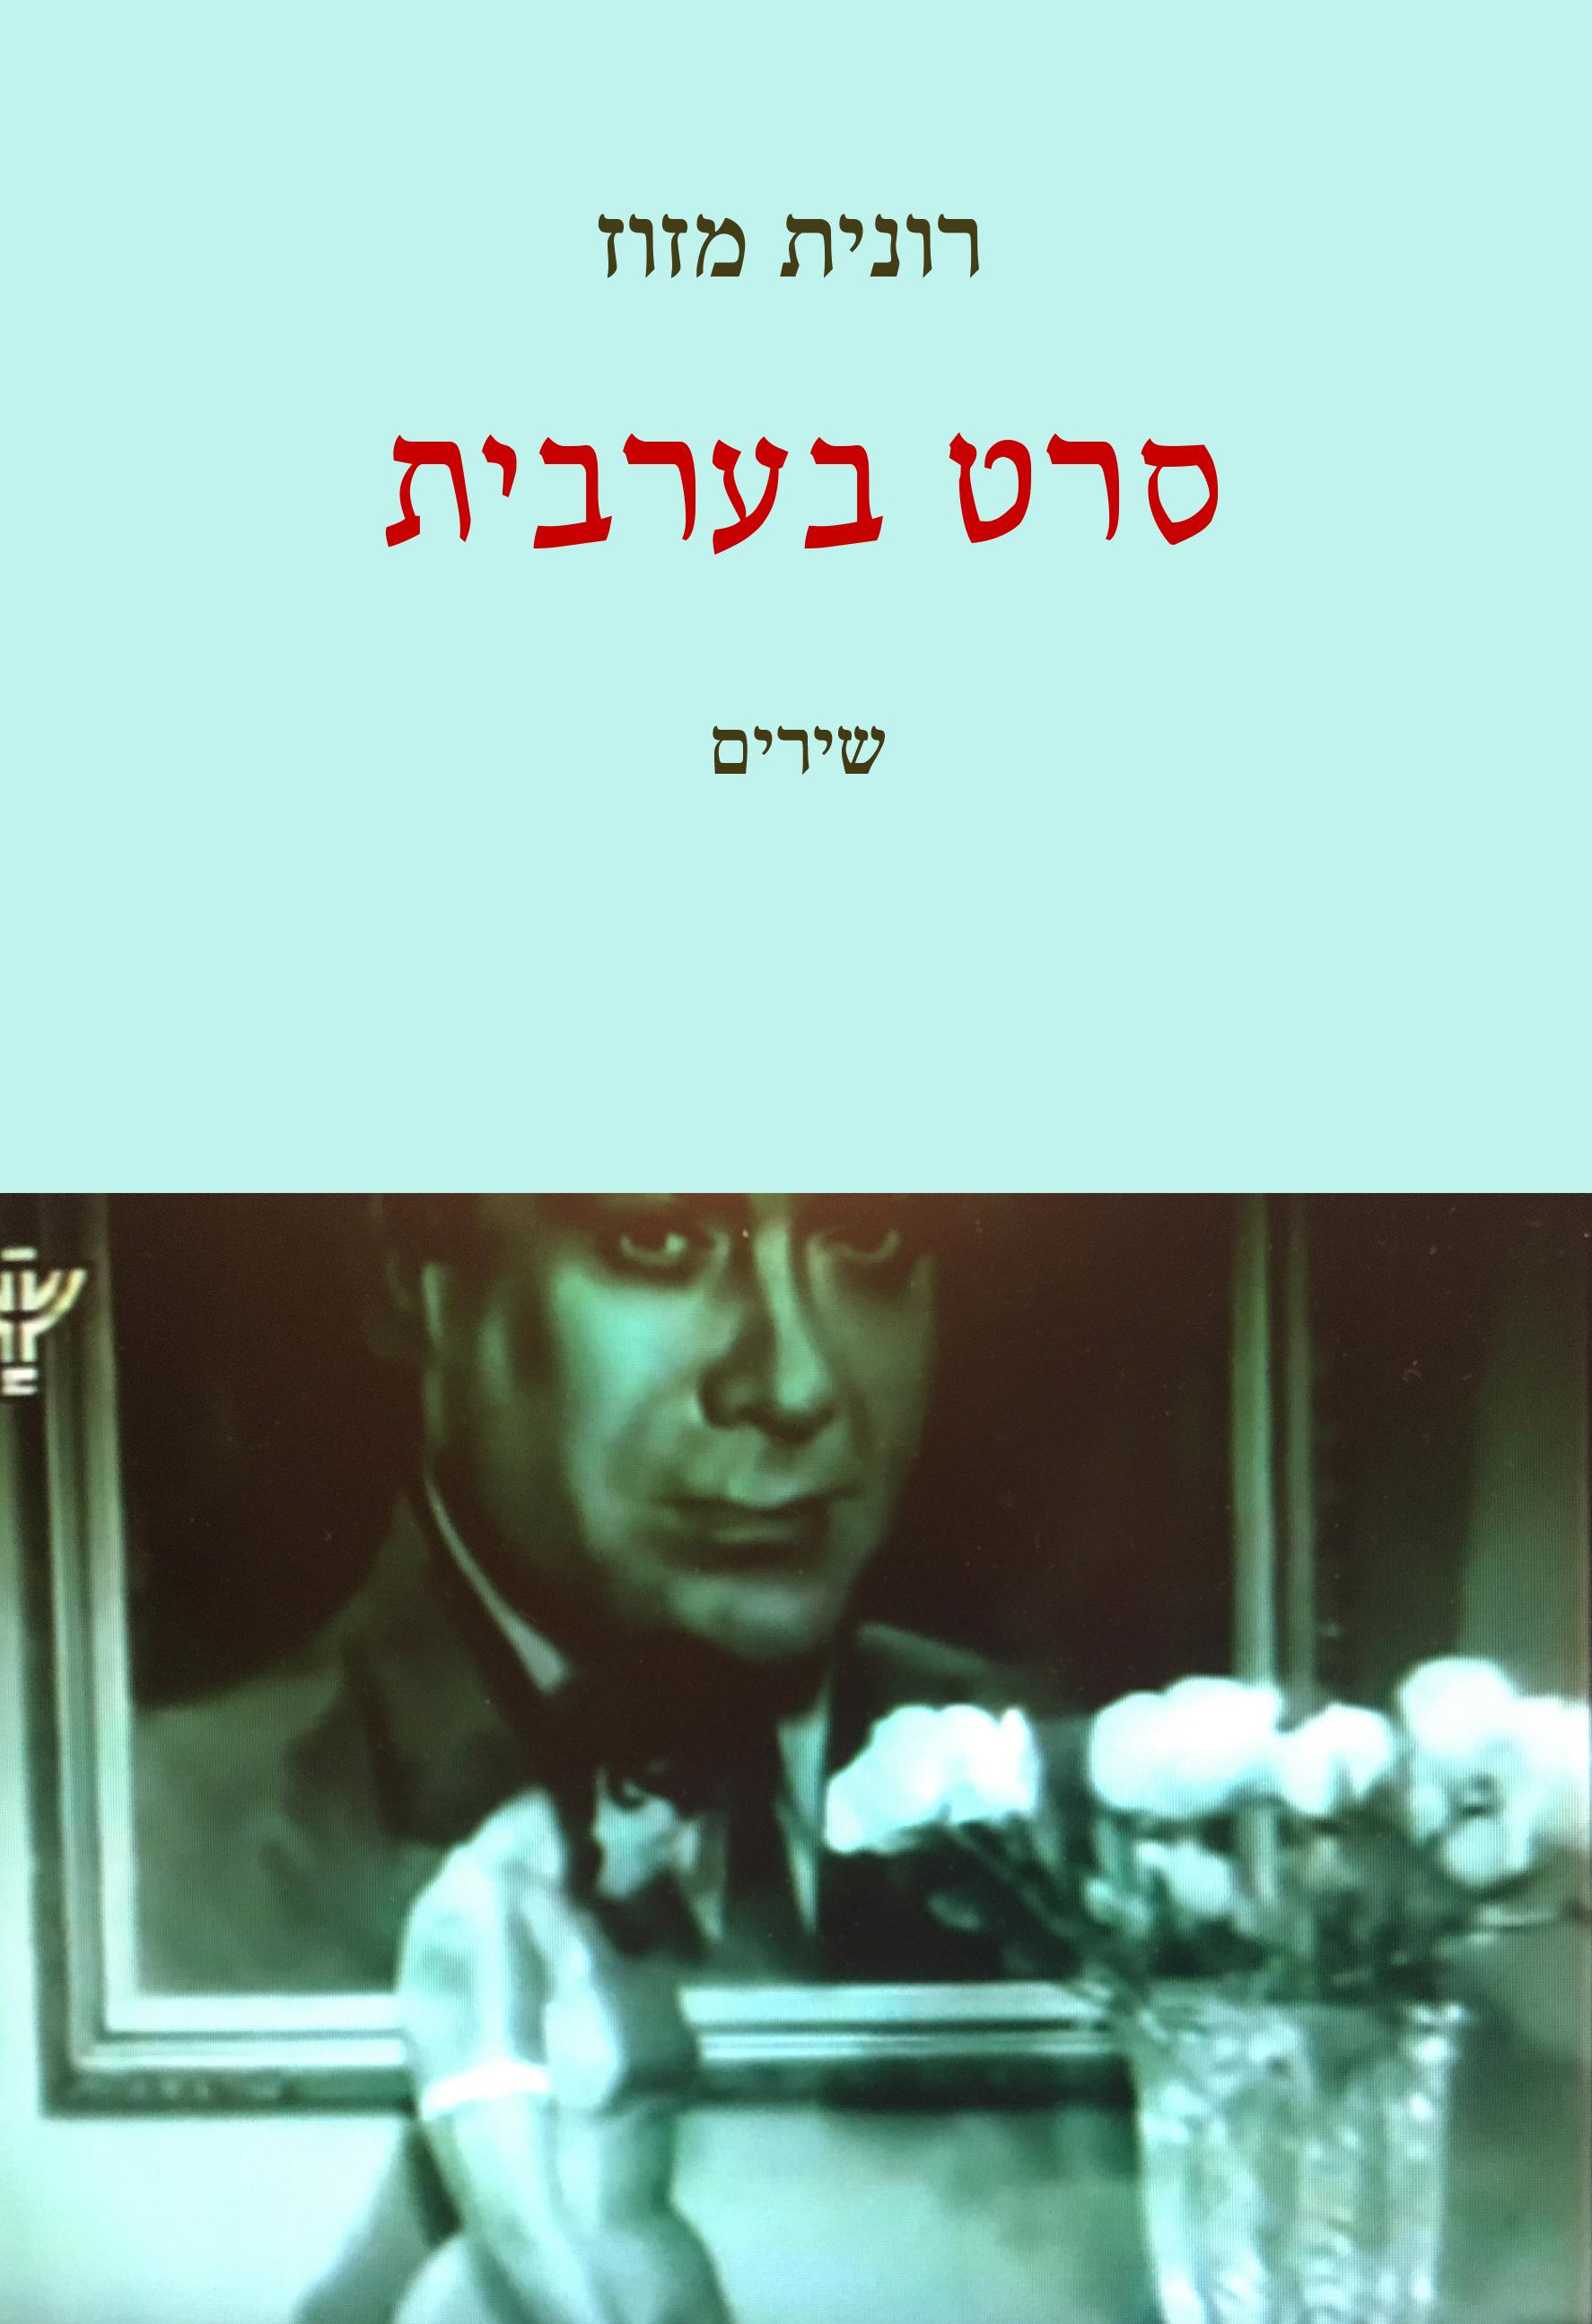 """רונית מזוז, """"סרט בערבית"""", ספרי עיתון 77, 2018"""